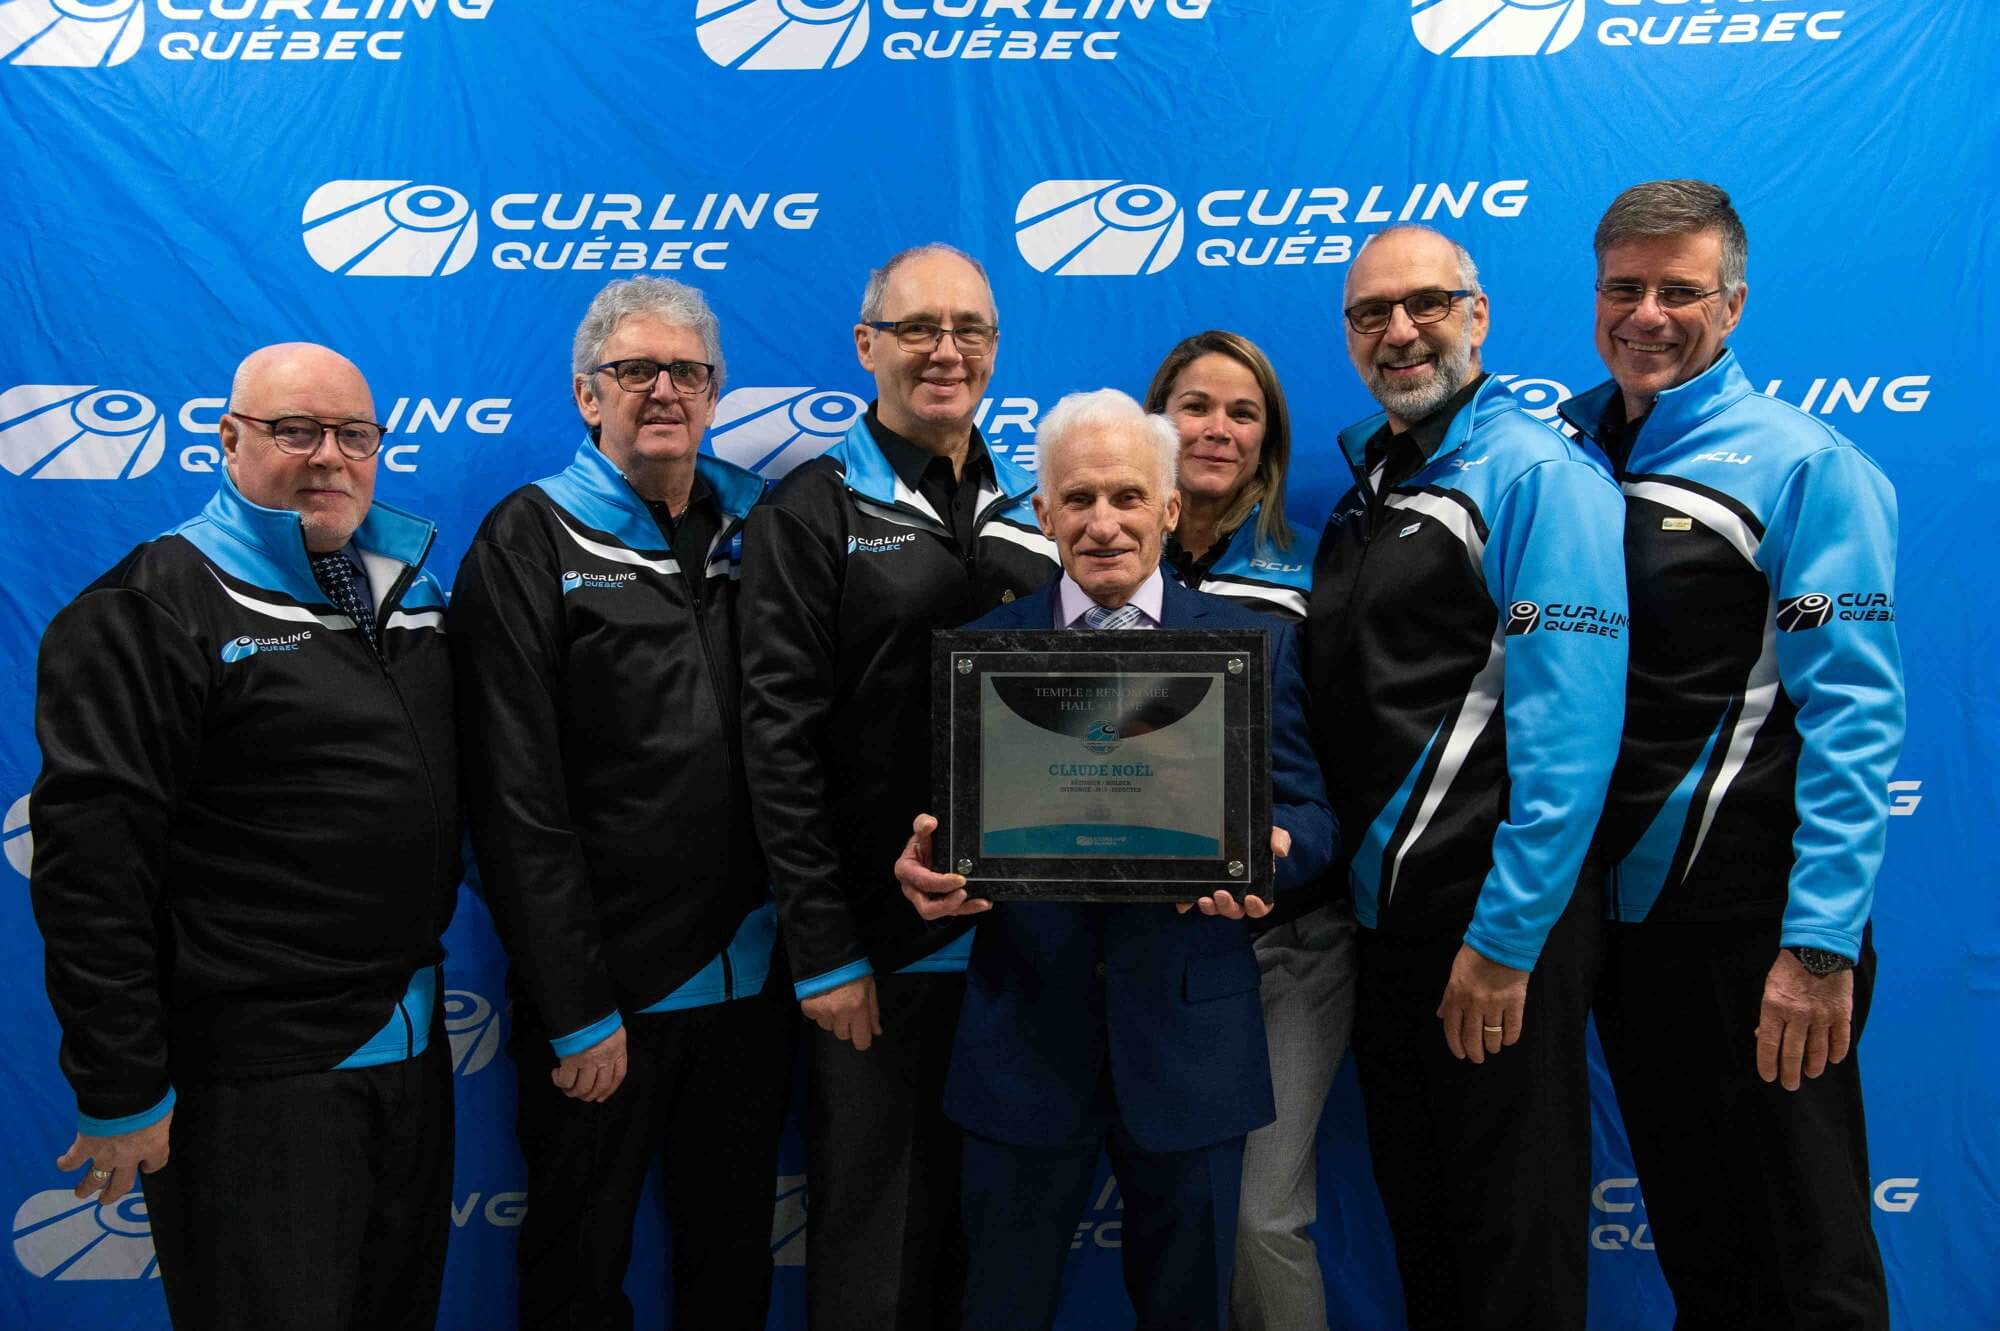 Claude Noel Curling Québec